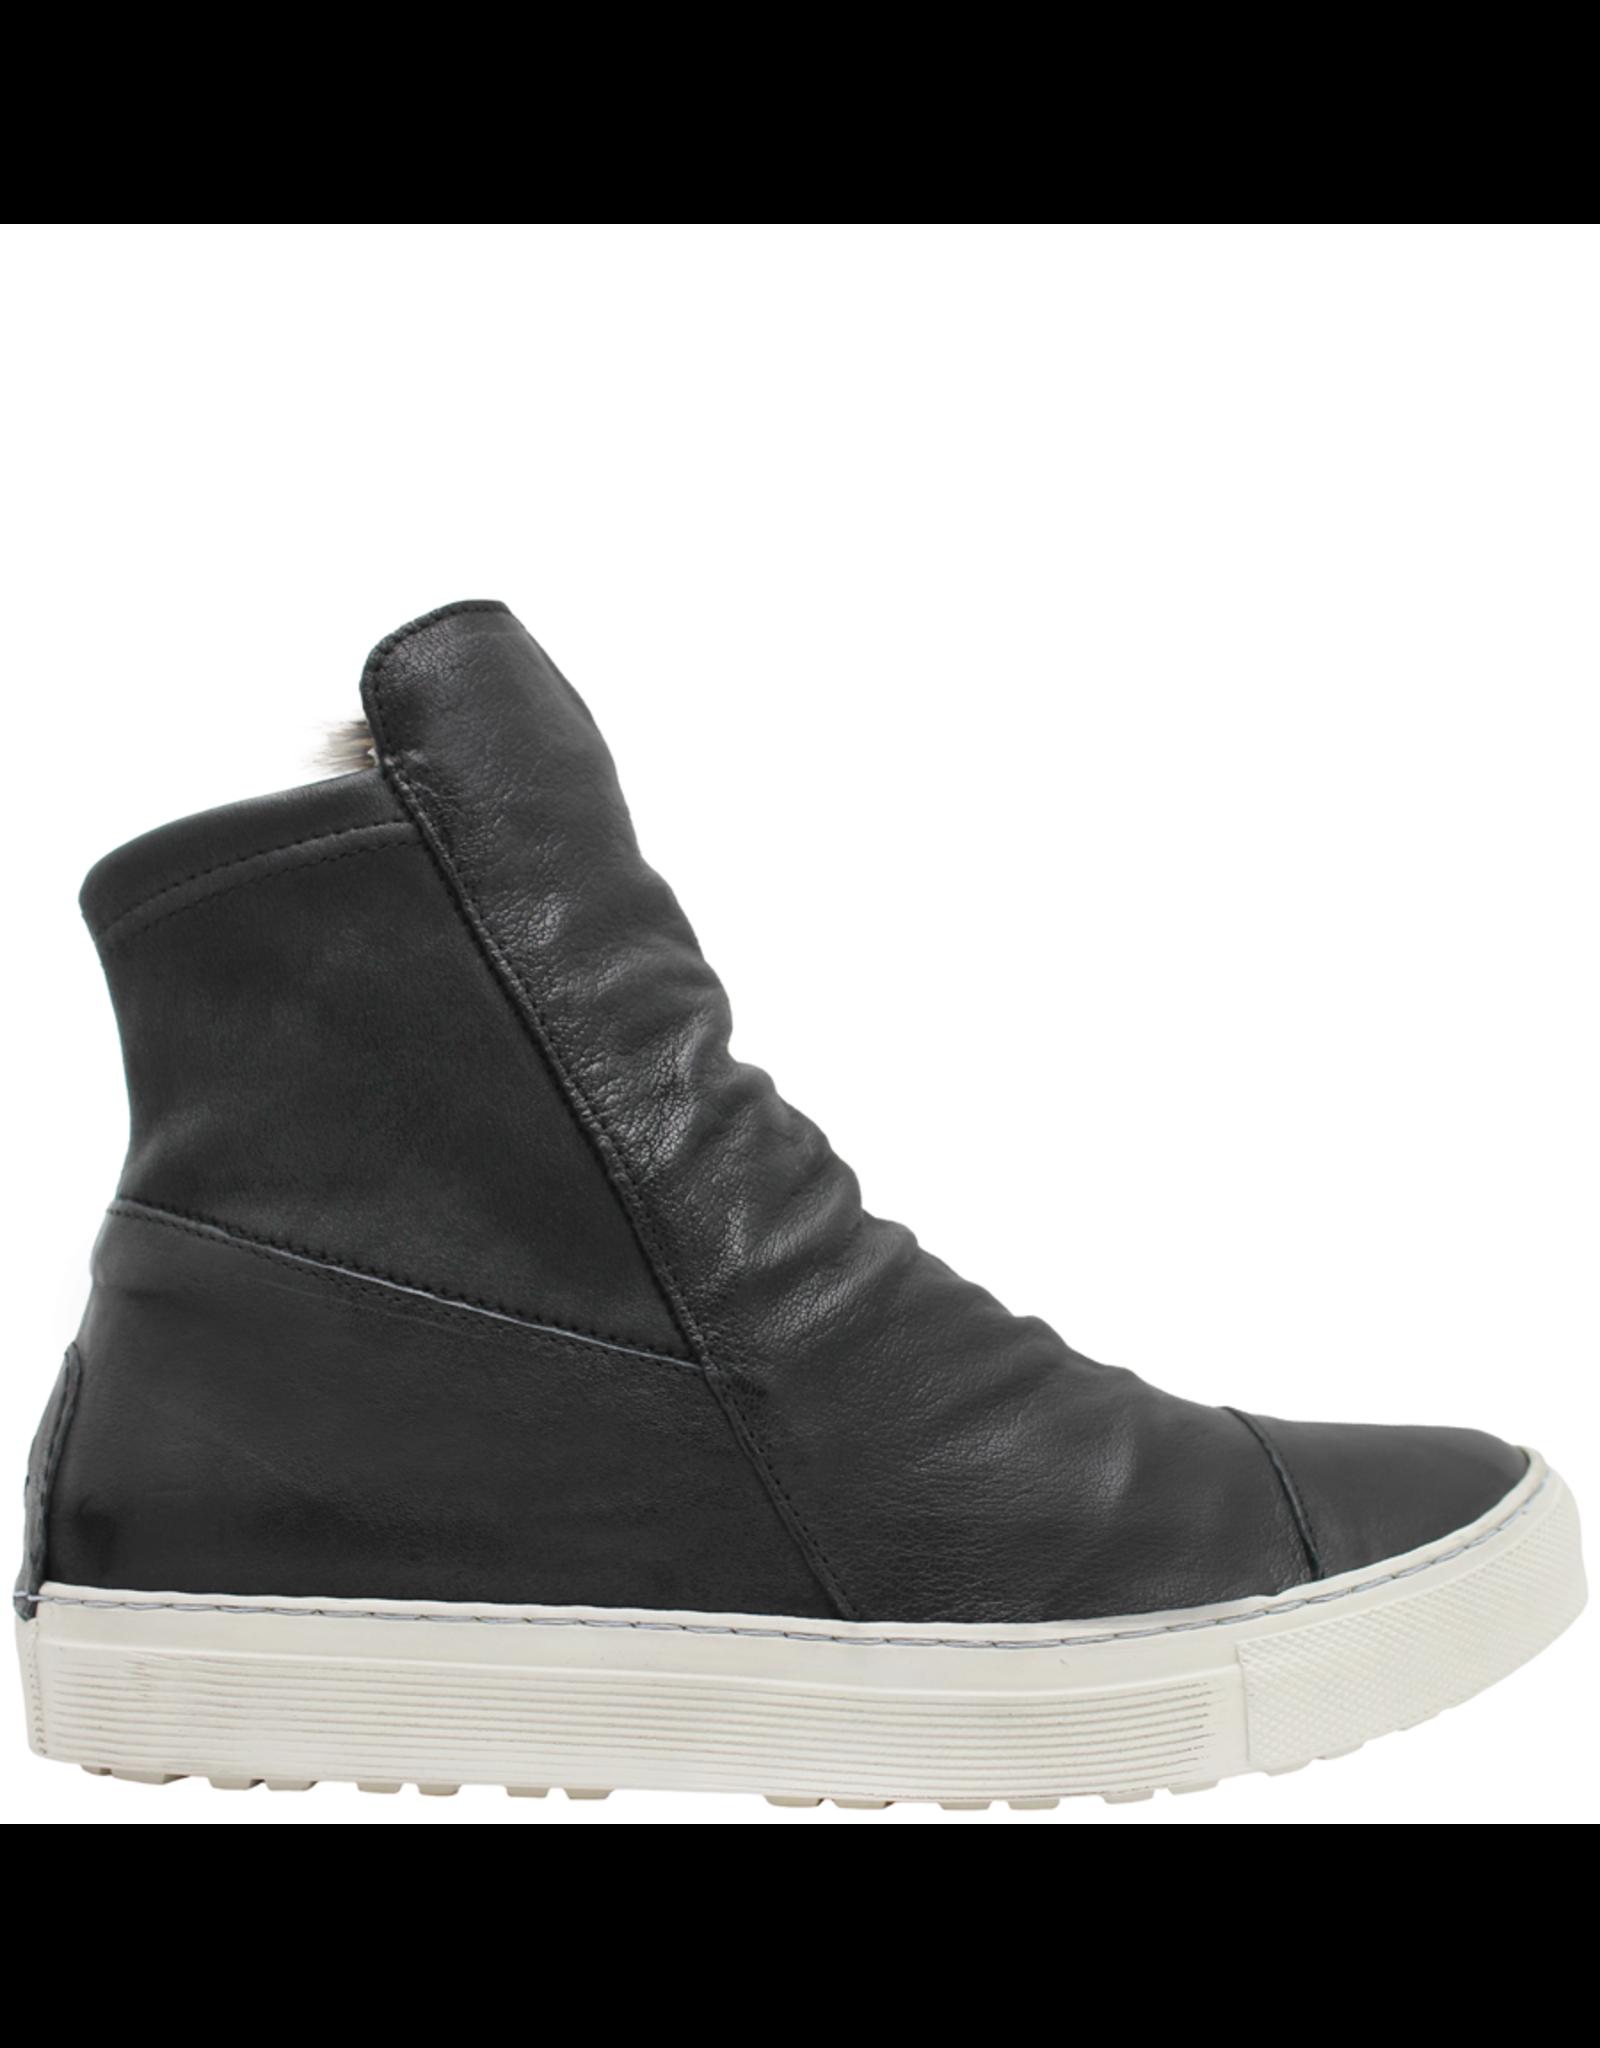 Fiorentini+Baker Fiorentini+Baker Black Sneaker W/ Fur Lining Side Zipper Bret-Fur